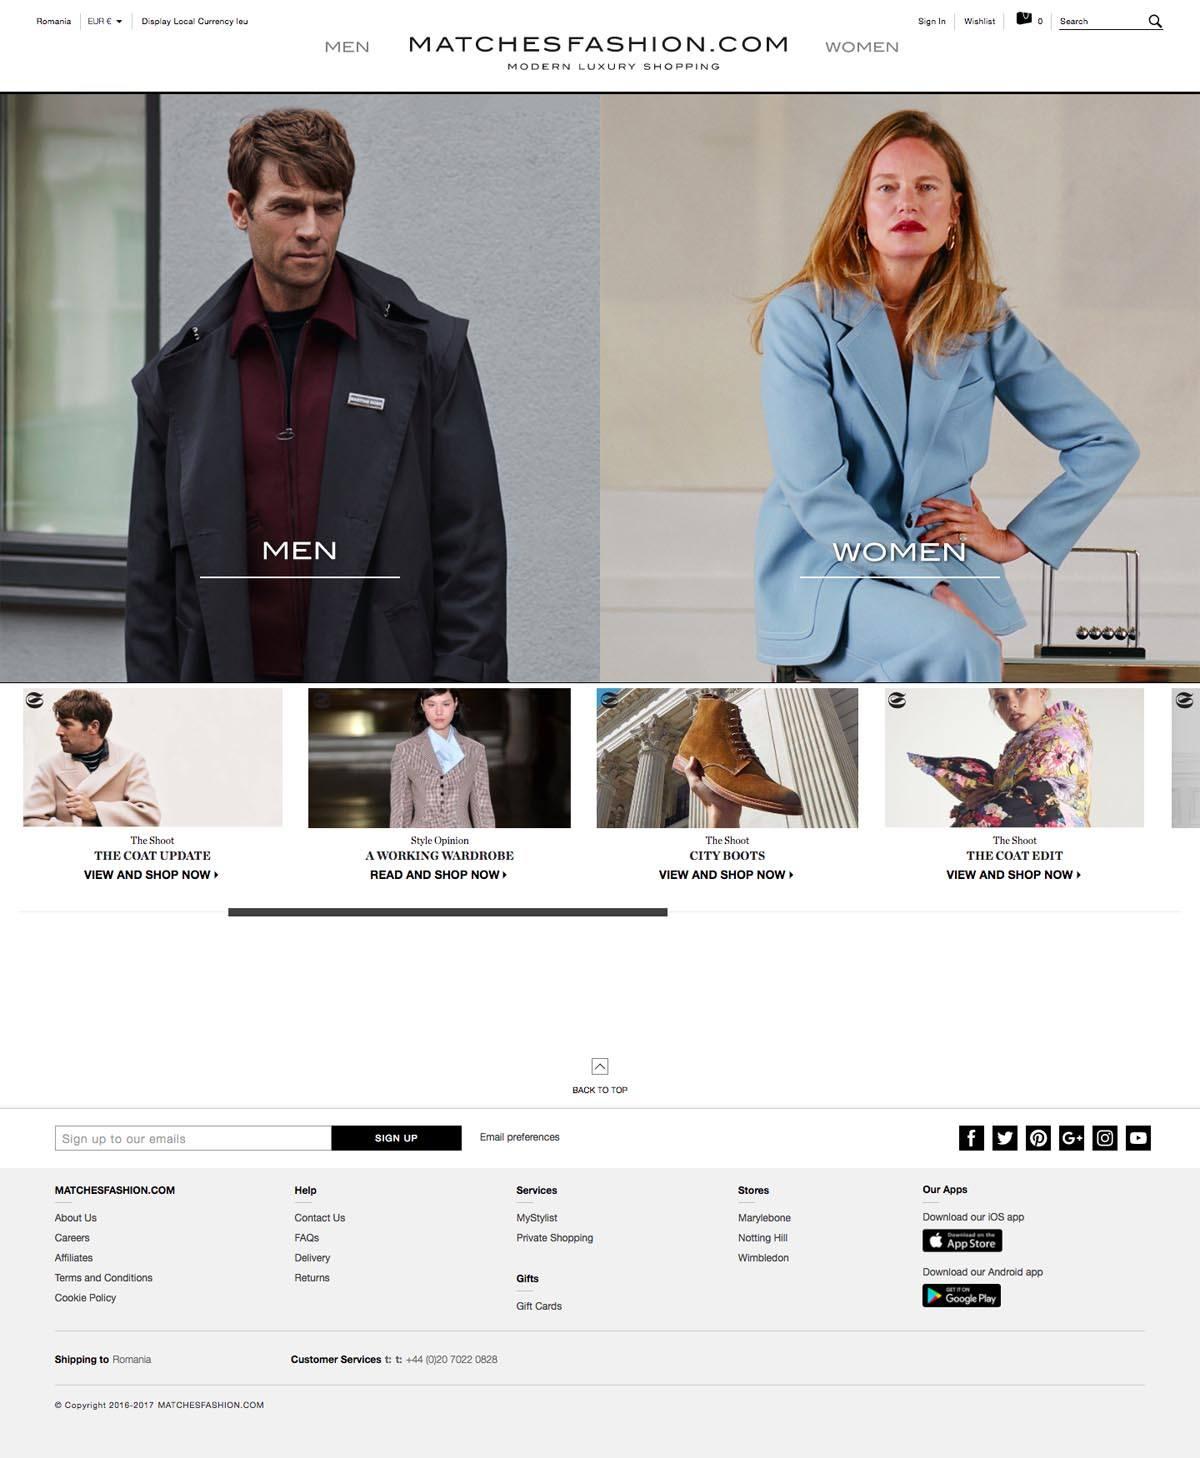 eCommerce website: MATCHESFASHION